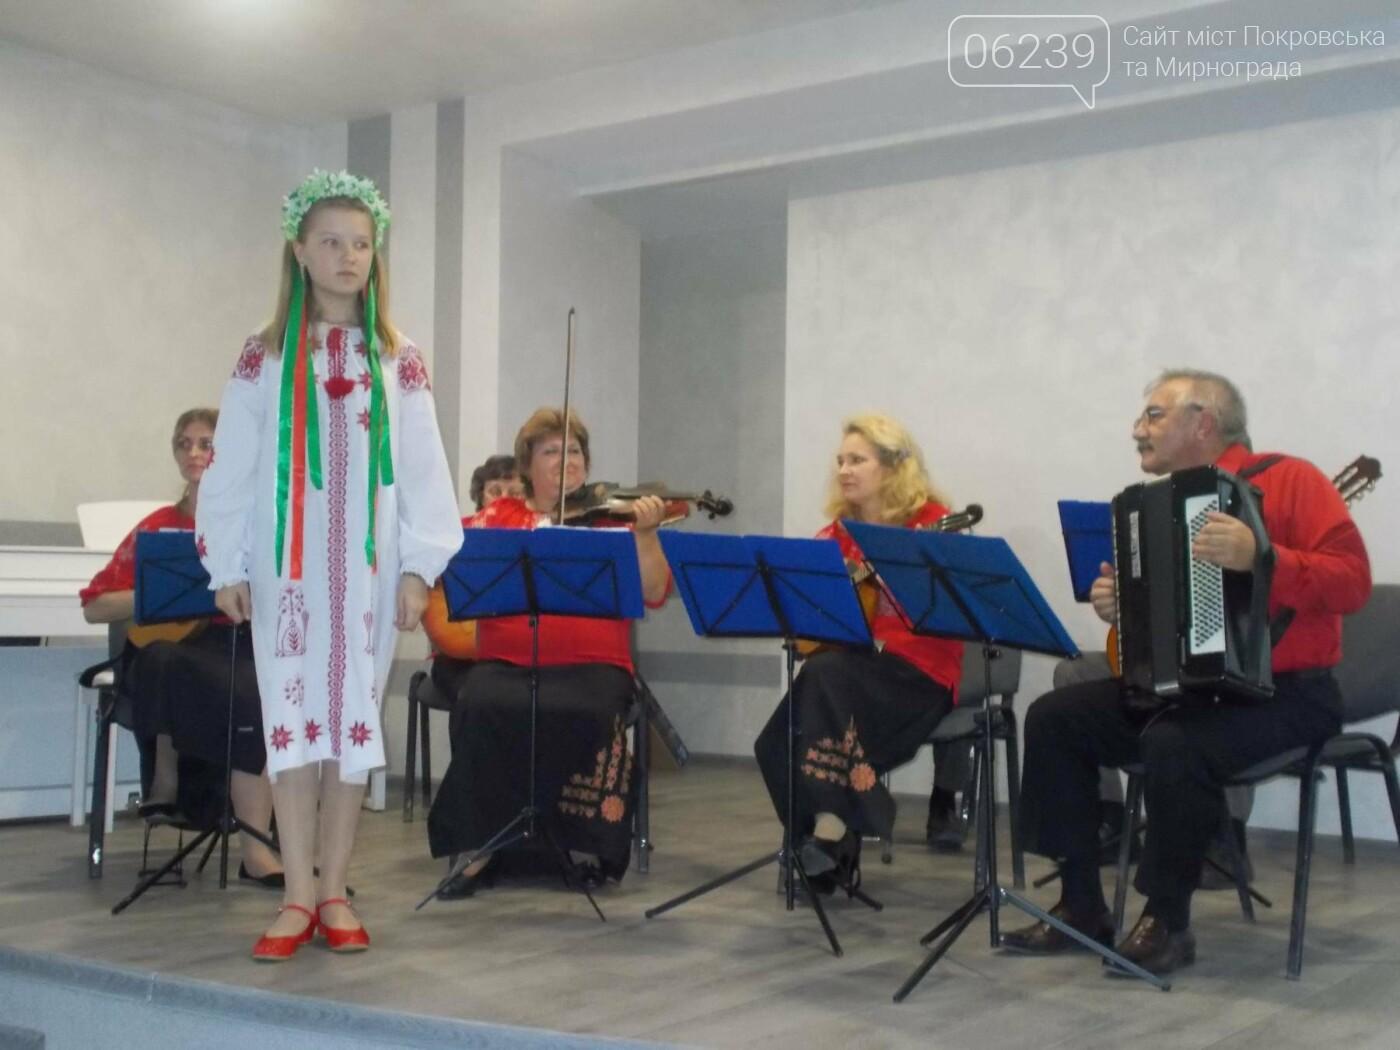 У Покровську в Центральній міській бібліотеці пройшов чудовий захід із циклу лекцій-концертів, фото-3